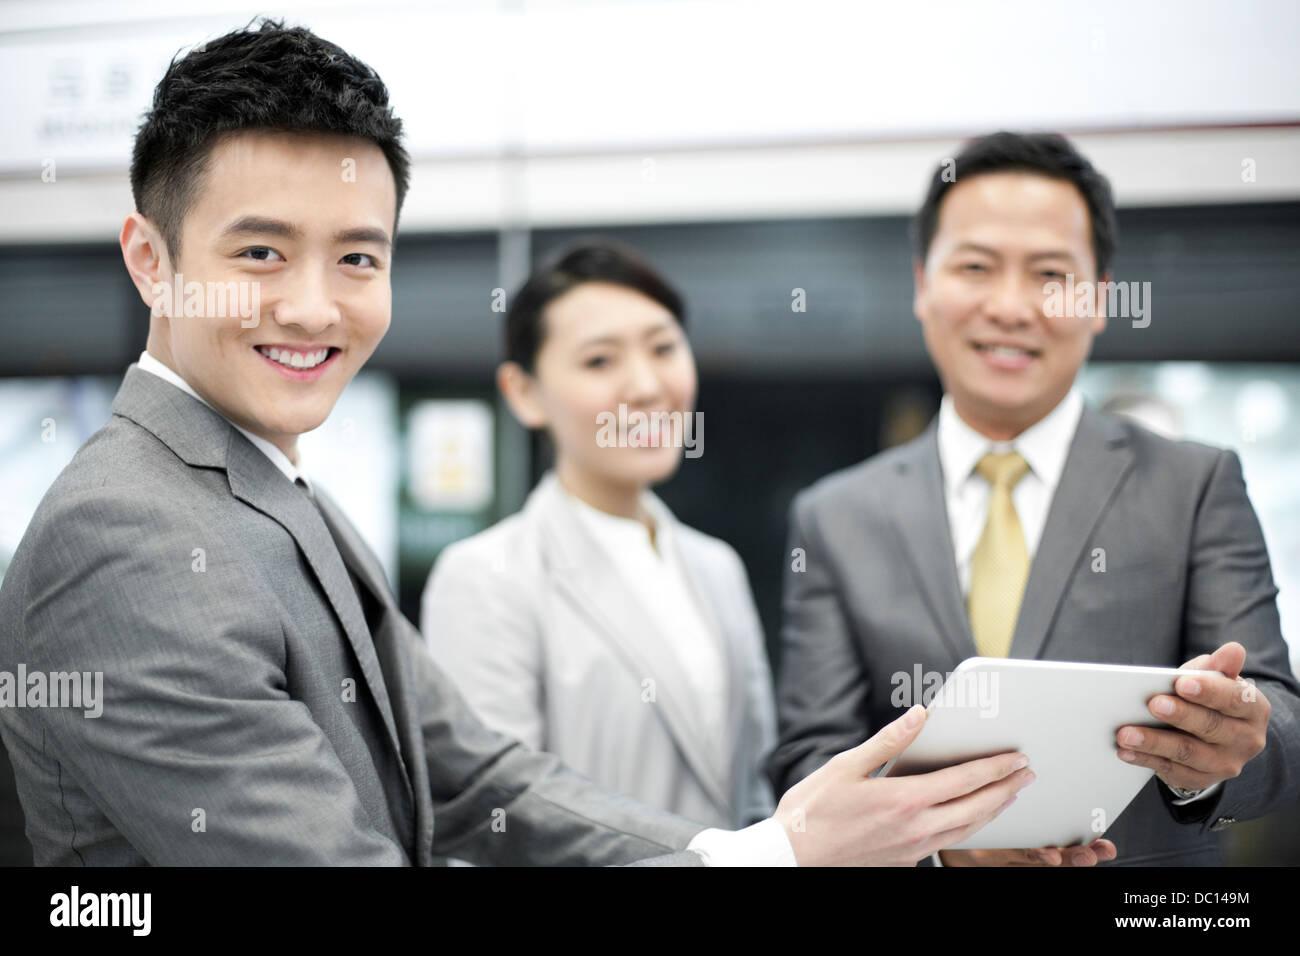 Les personnes gaies avec tablette numérique sur plate-forme du métro Banque D'Images